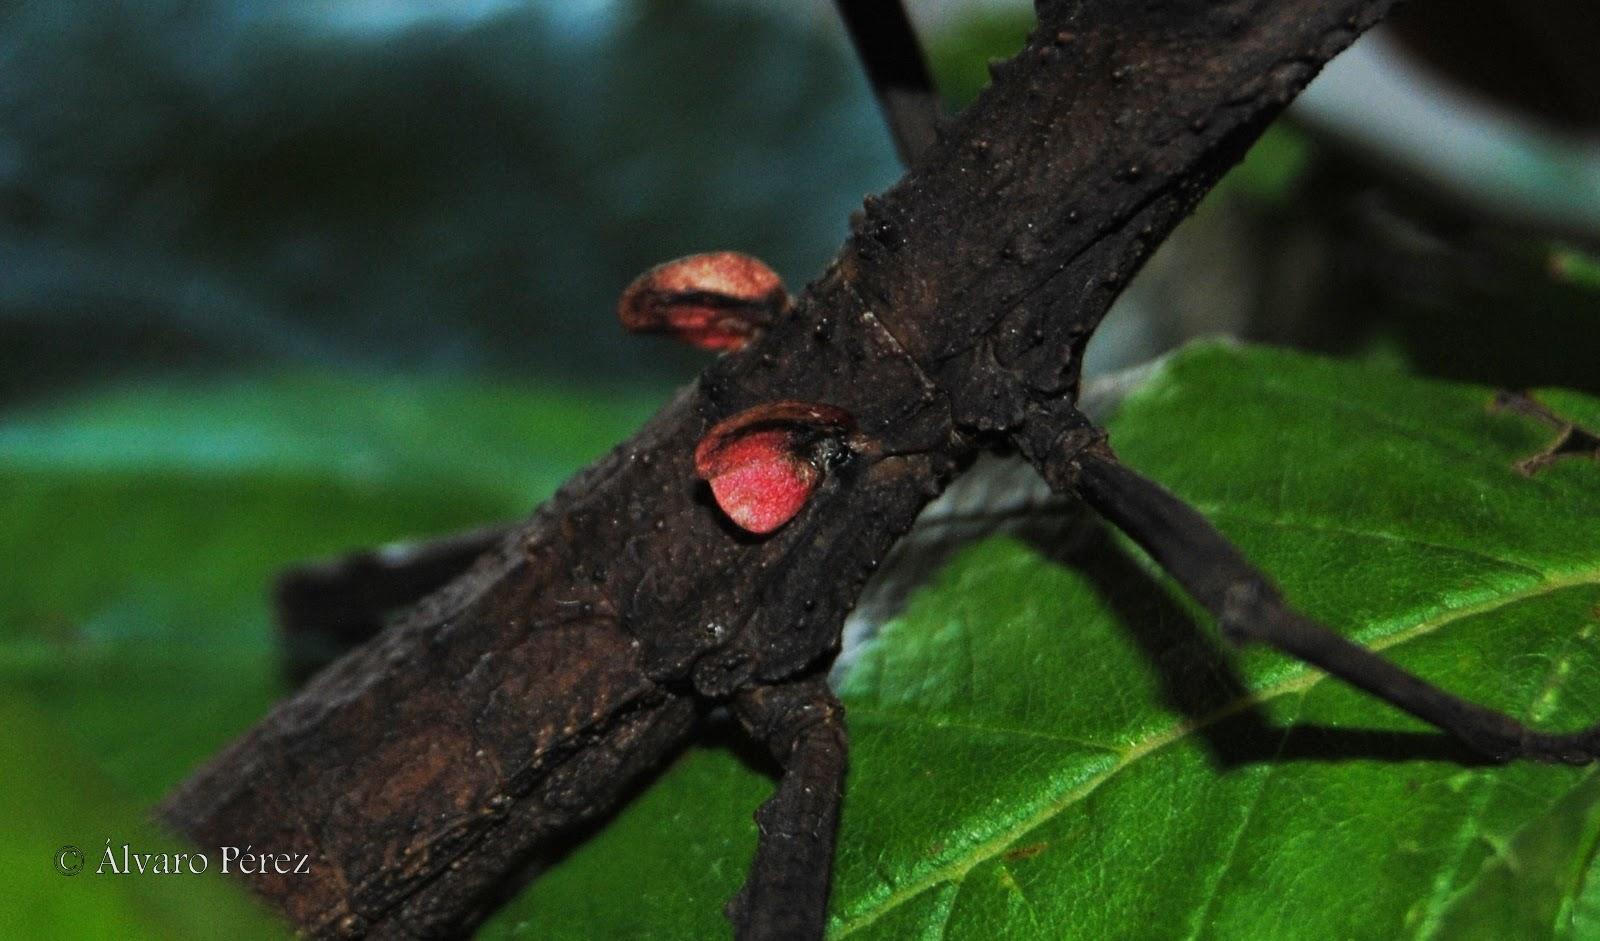 Hypocyrthus scyrthus